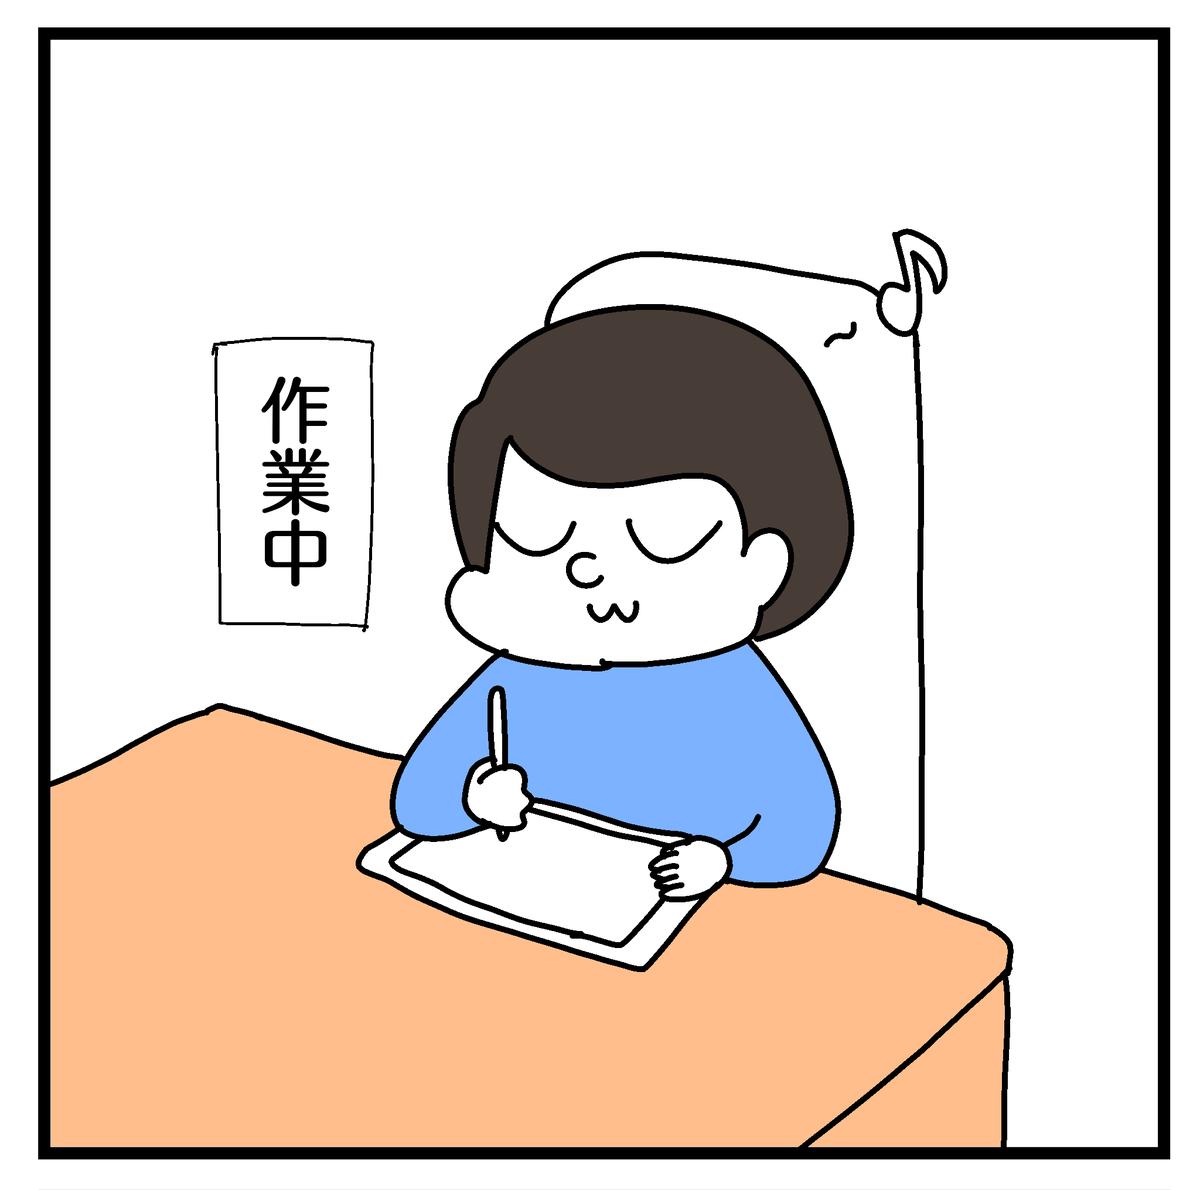 f:id:YuruFuwaTa:20200709163538p:plain